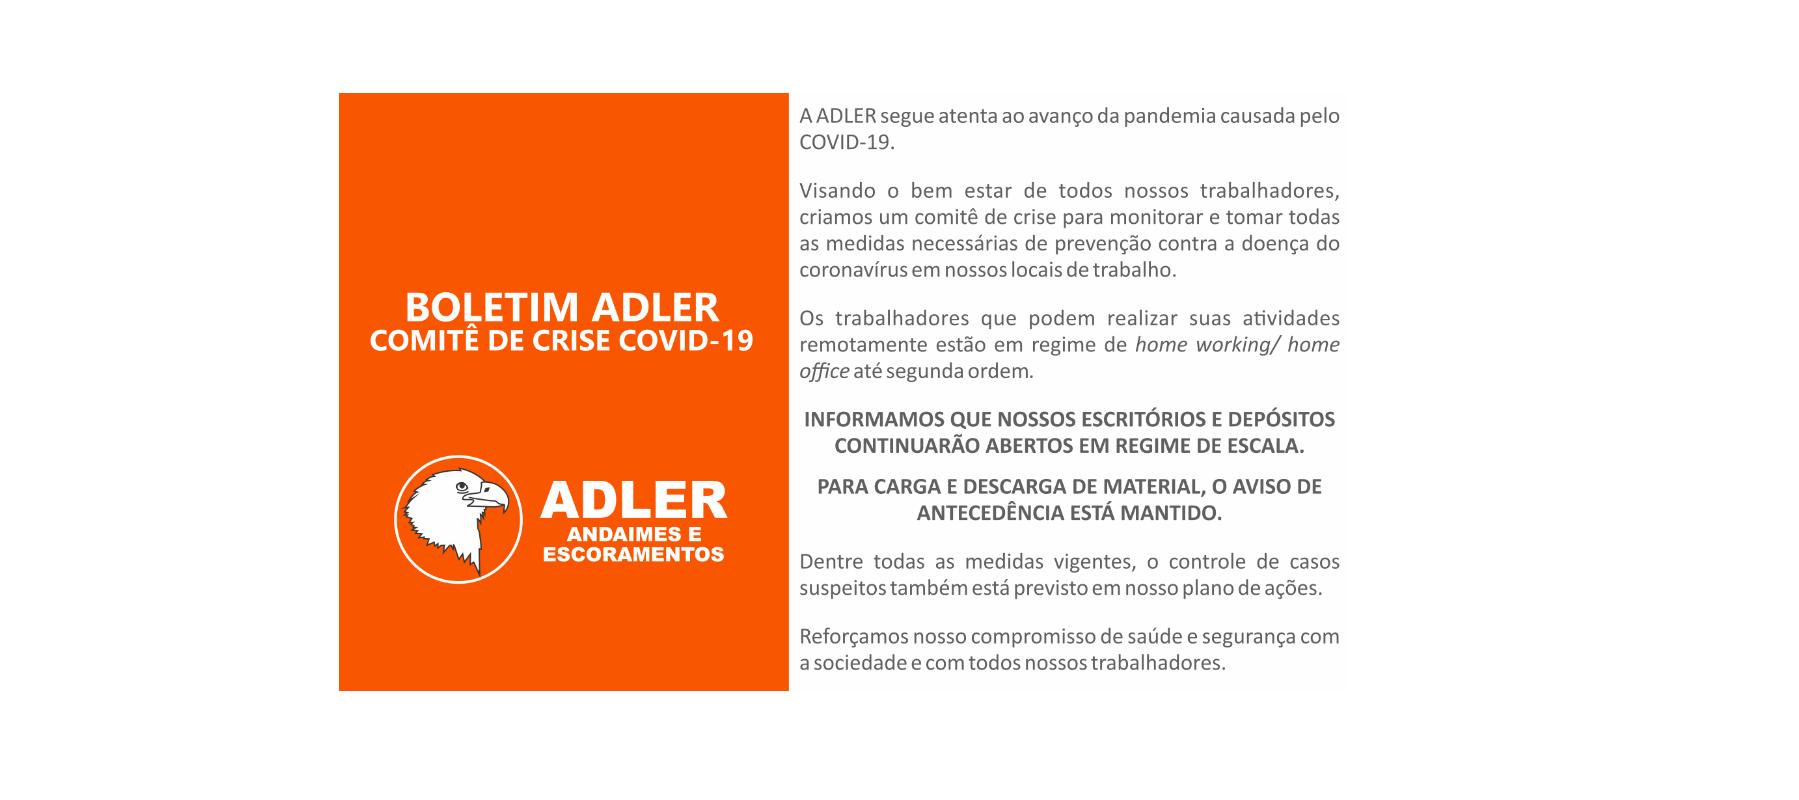 http://www.adlerandaimes.com.br/